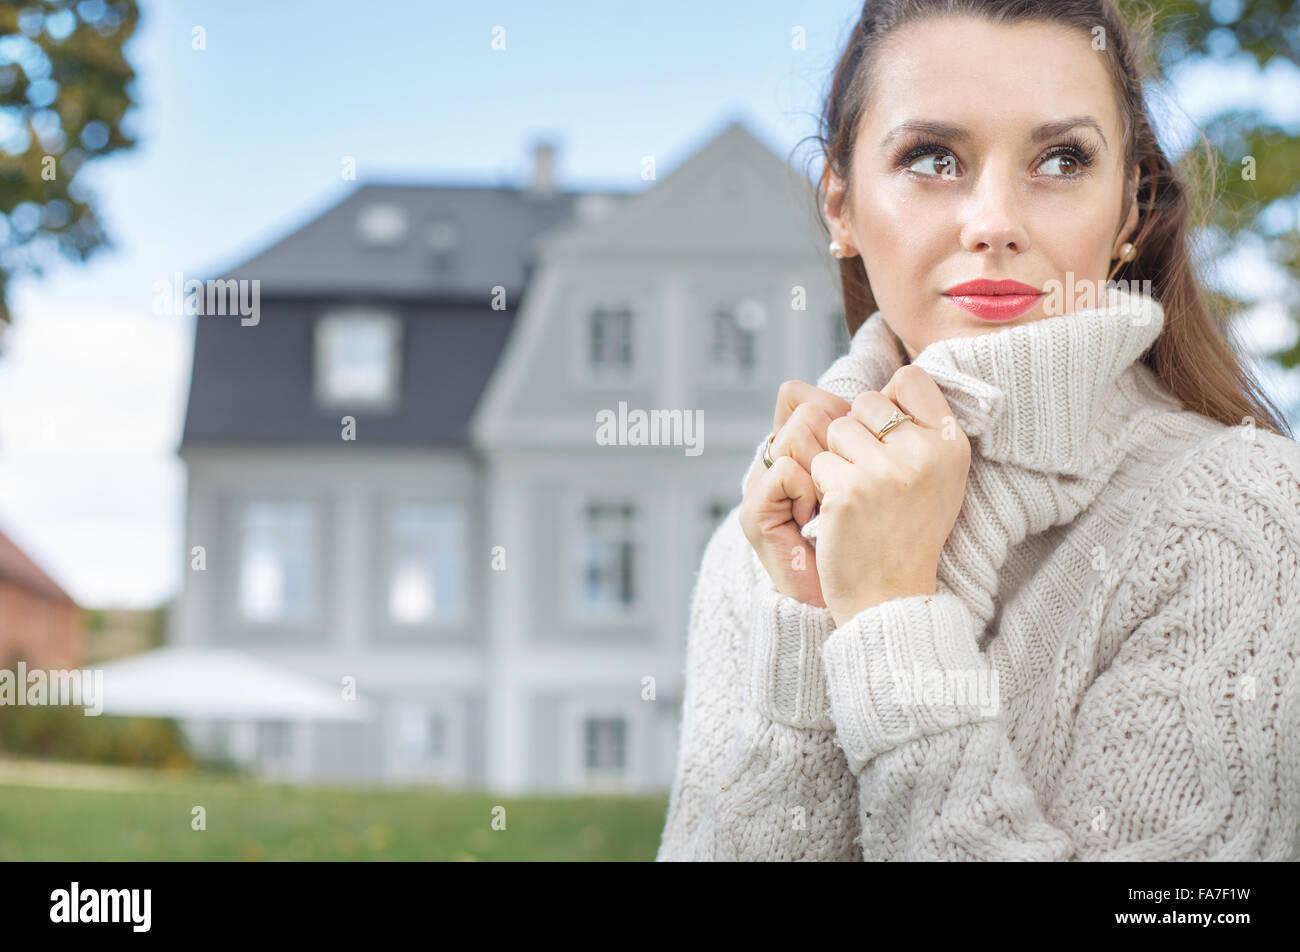 Jolie dame portant des pull en laine épaisse Photo Stock